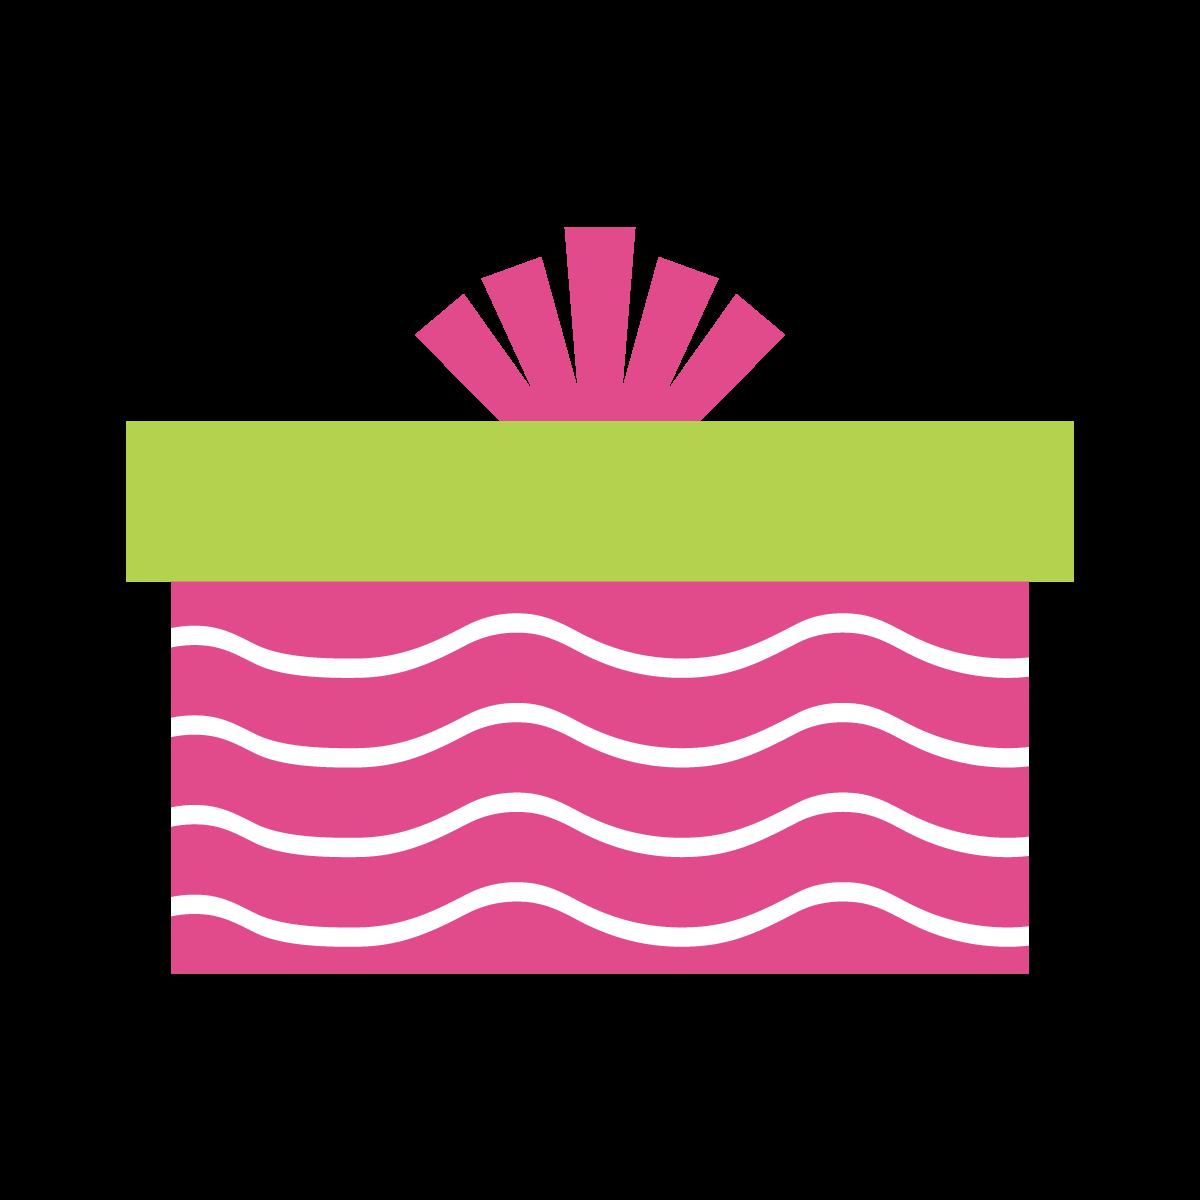 Gift clipart birthday celebration #13